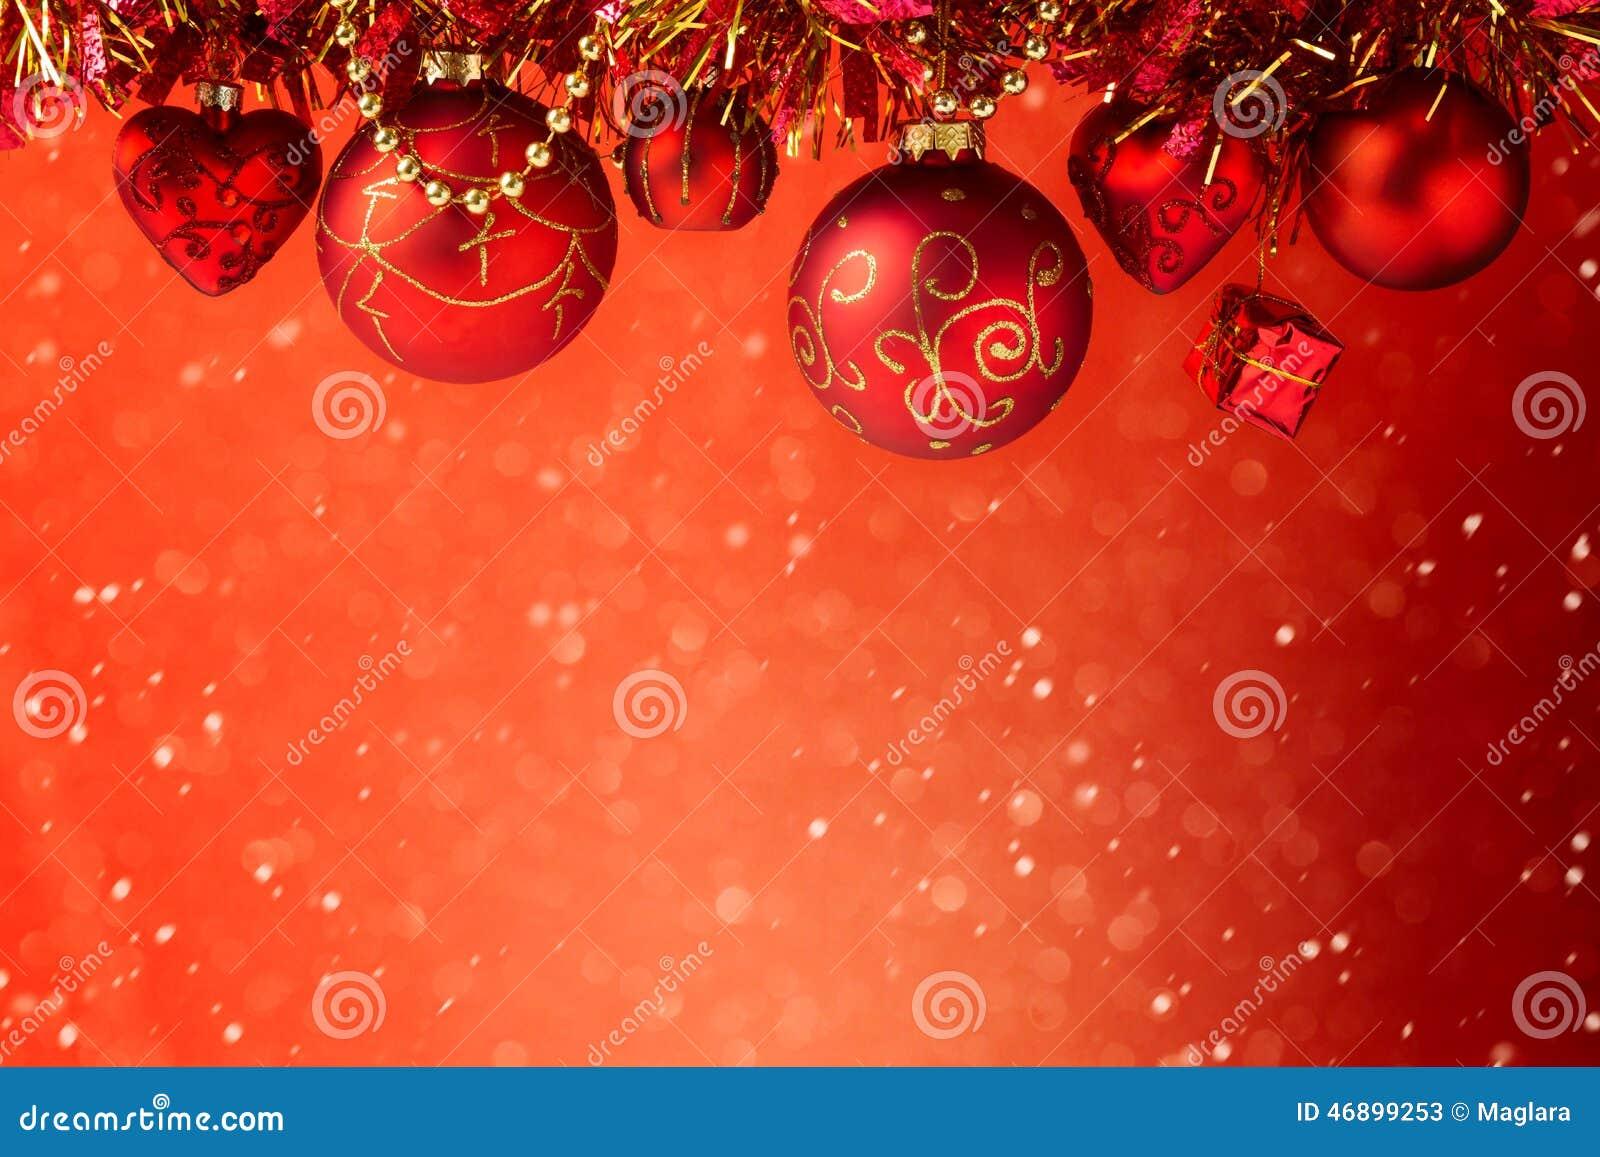 Предпосылка праздника рождества красная мечтательная с украшениями